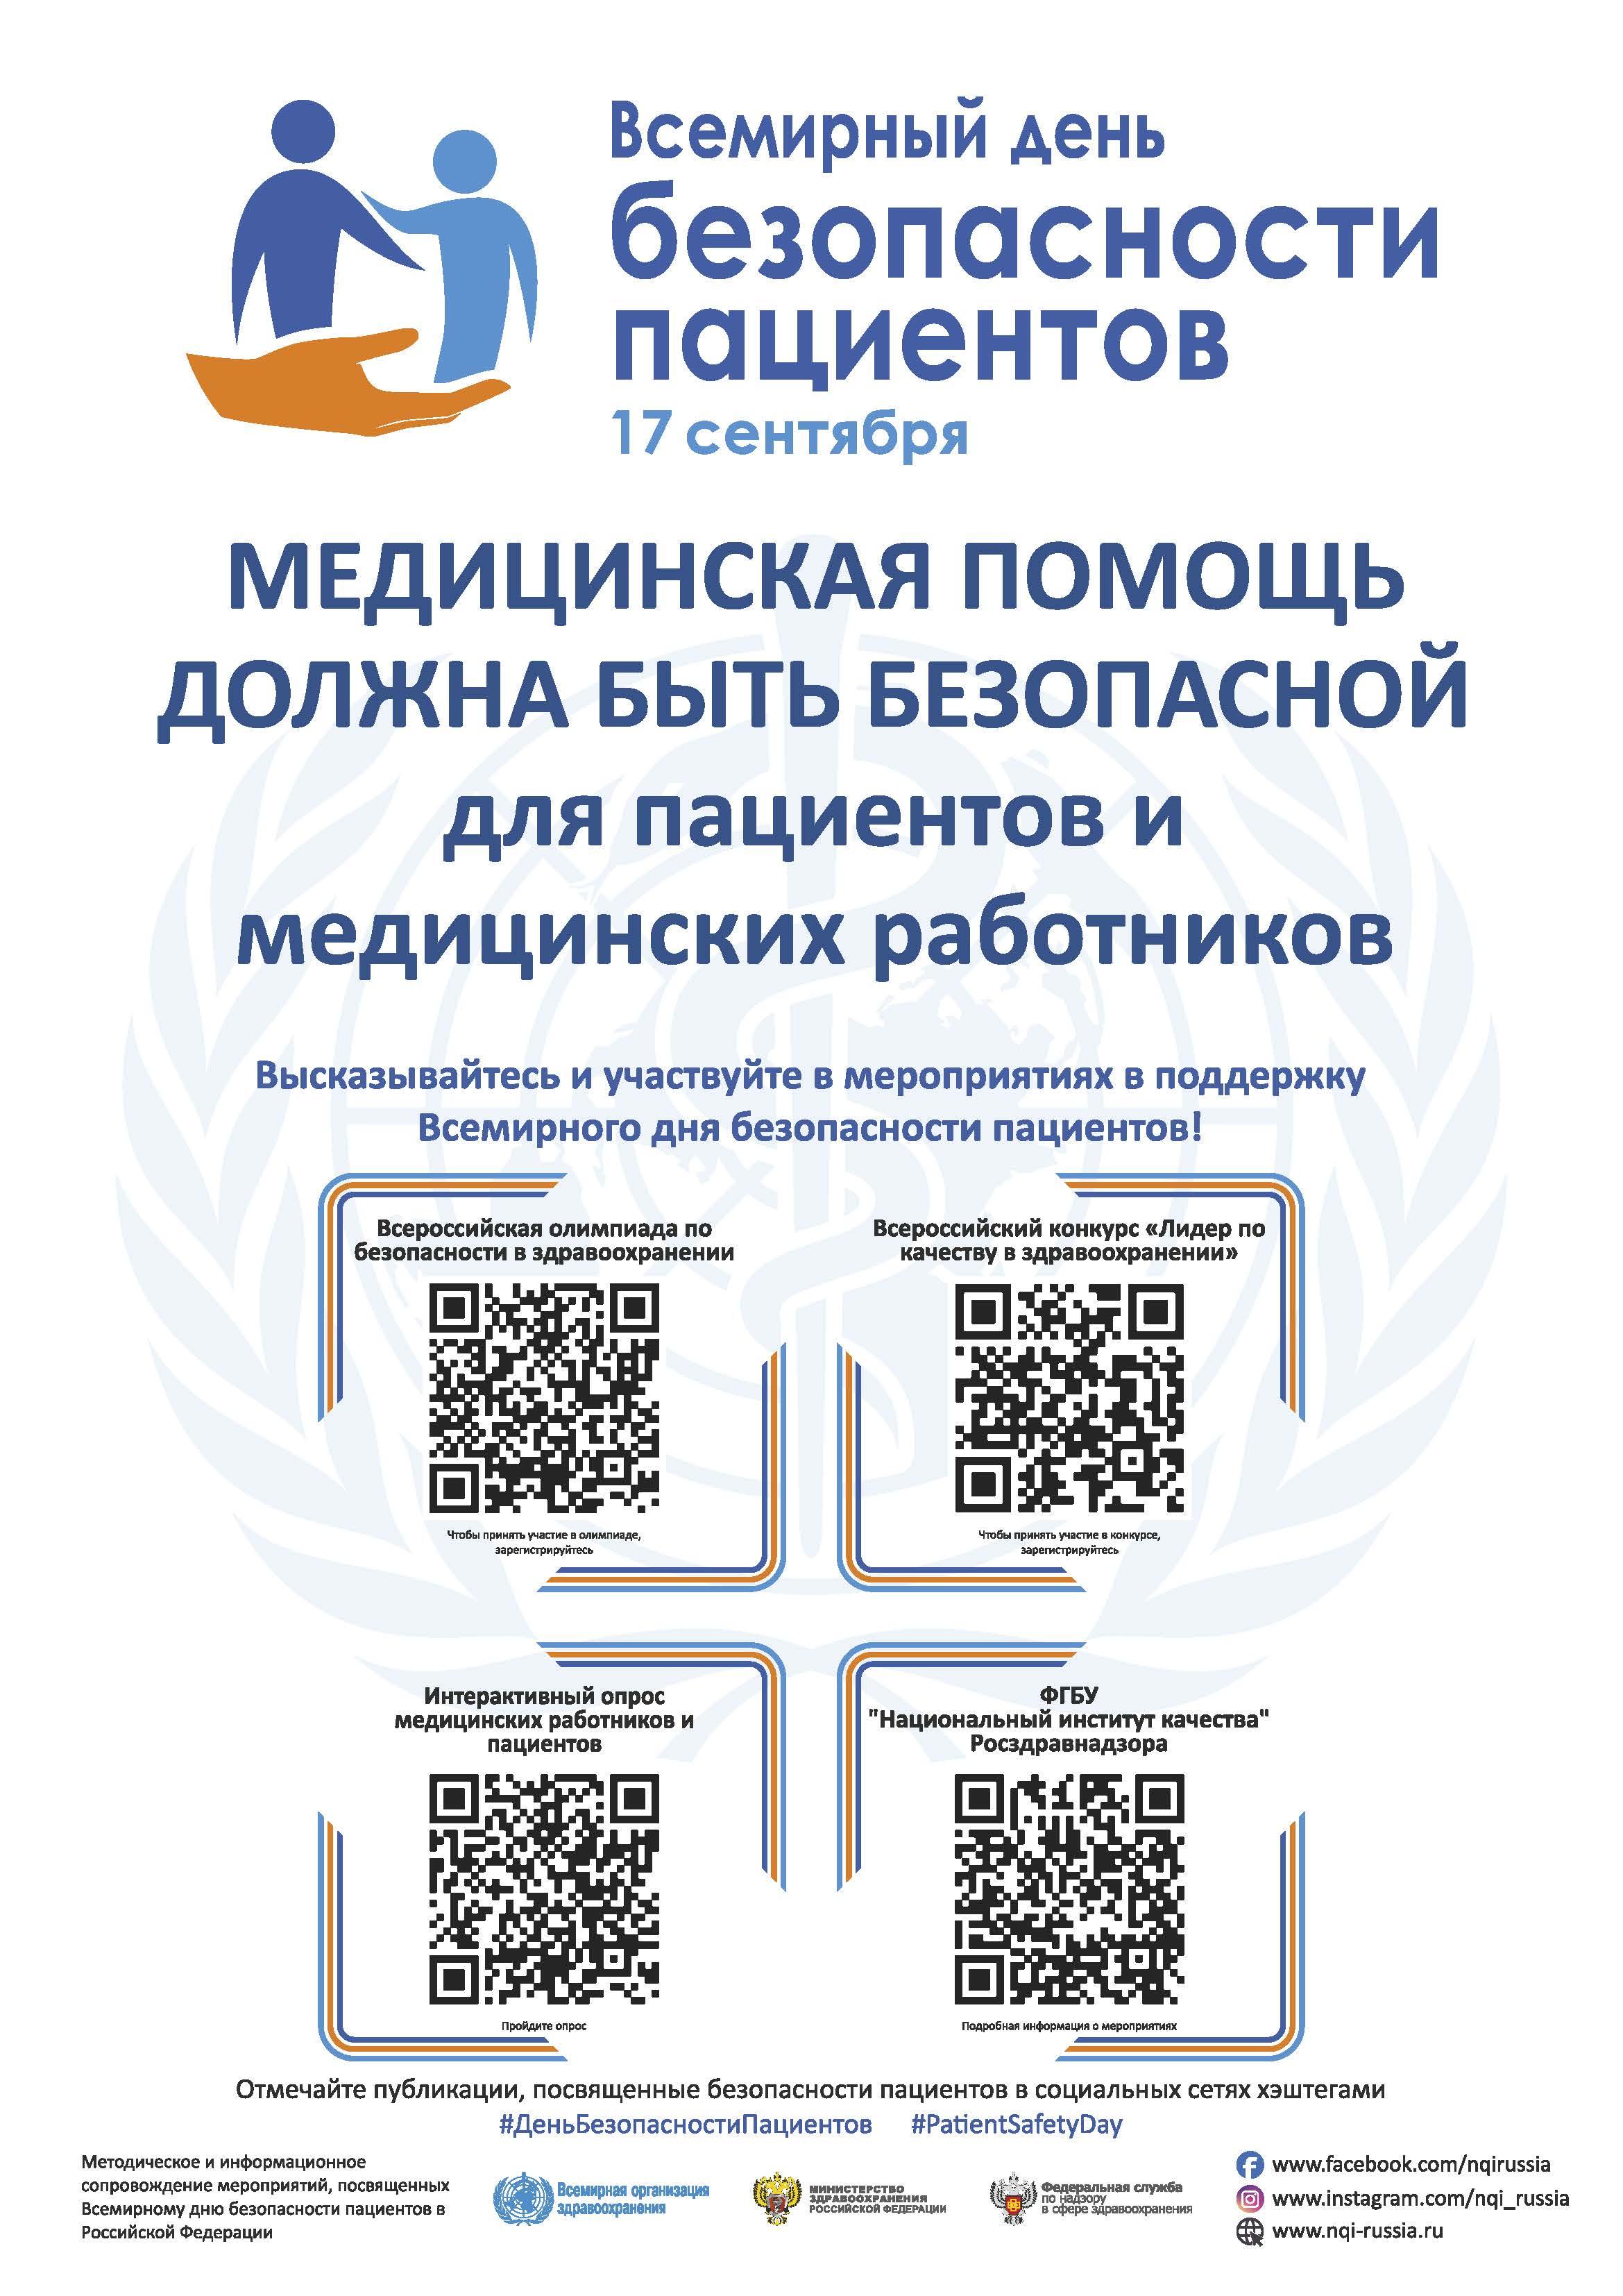 Plakat_Vsemirnyj_den_bezopasnosti patsientov_11.08.2020